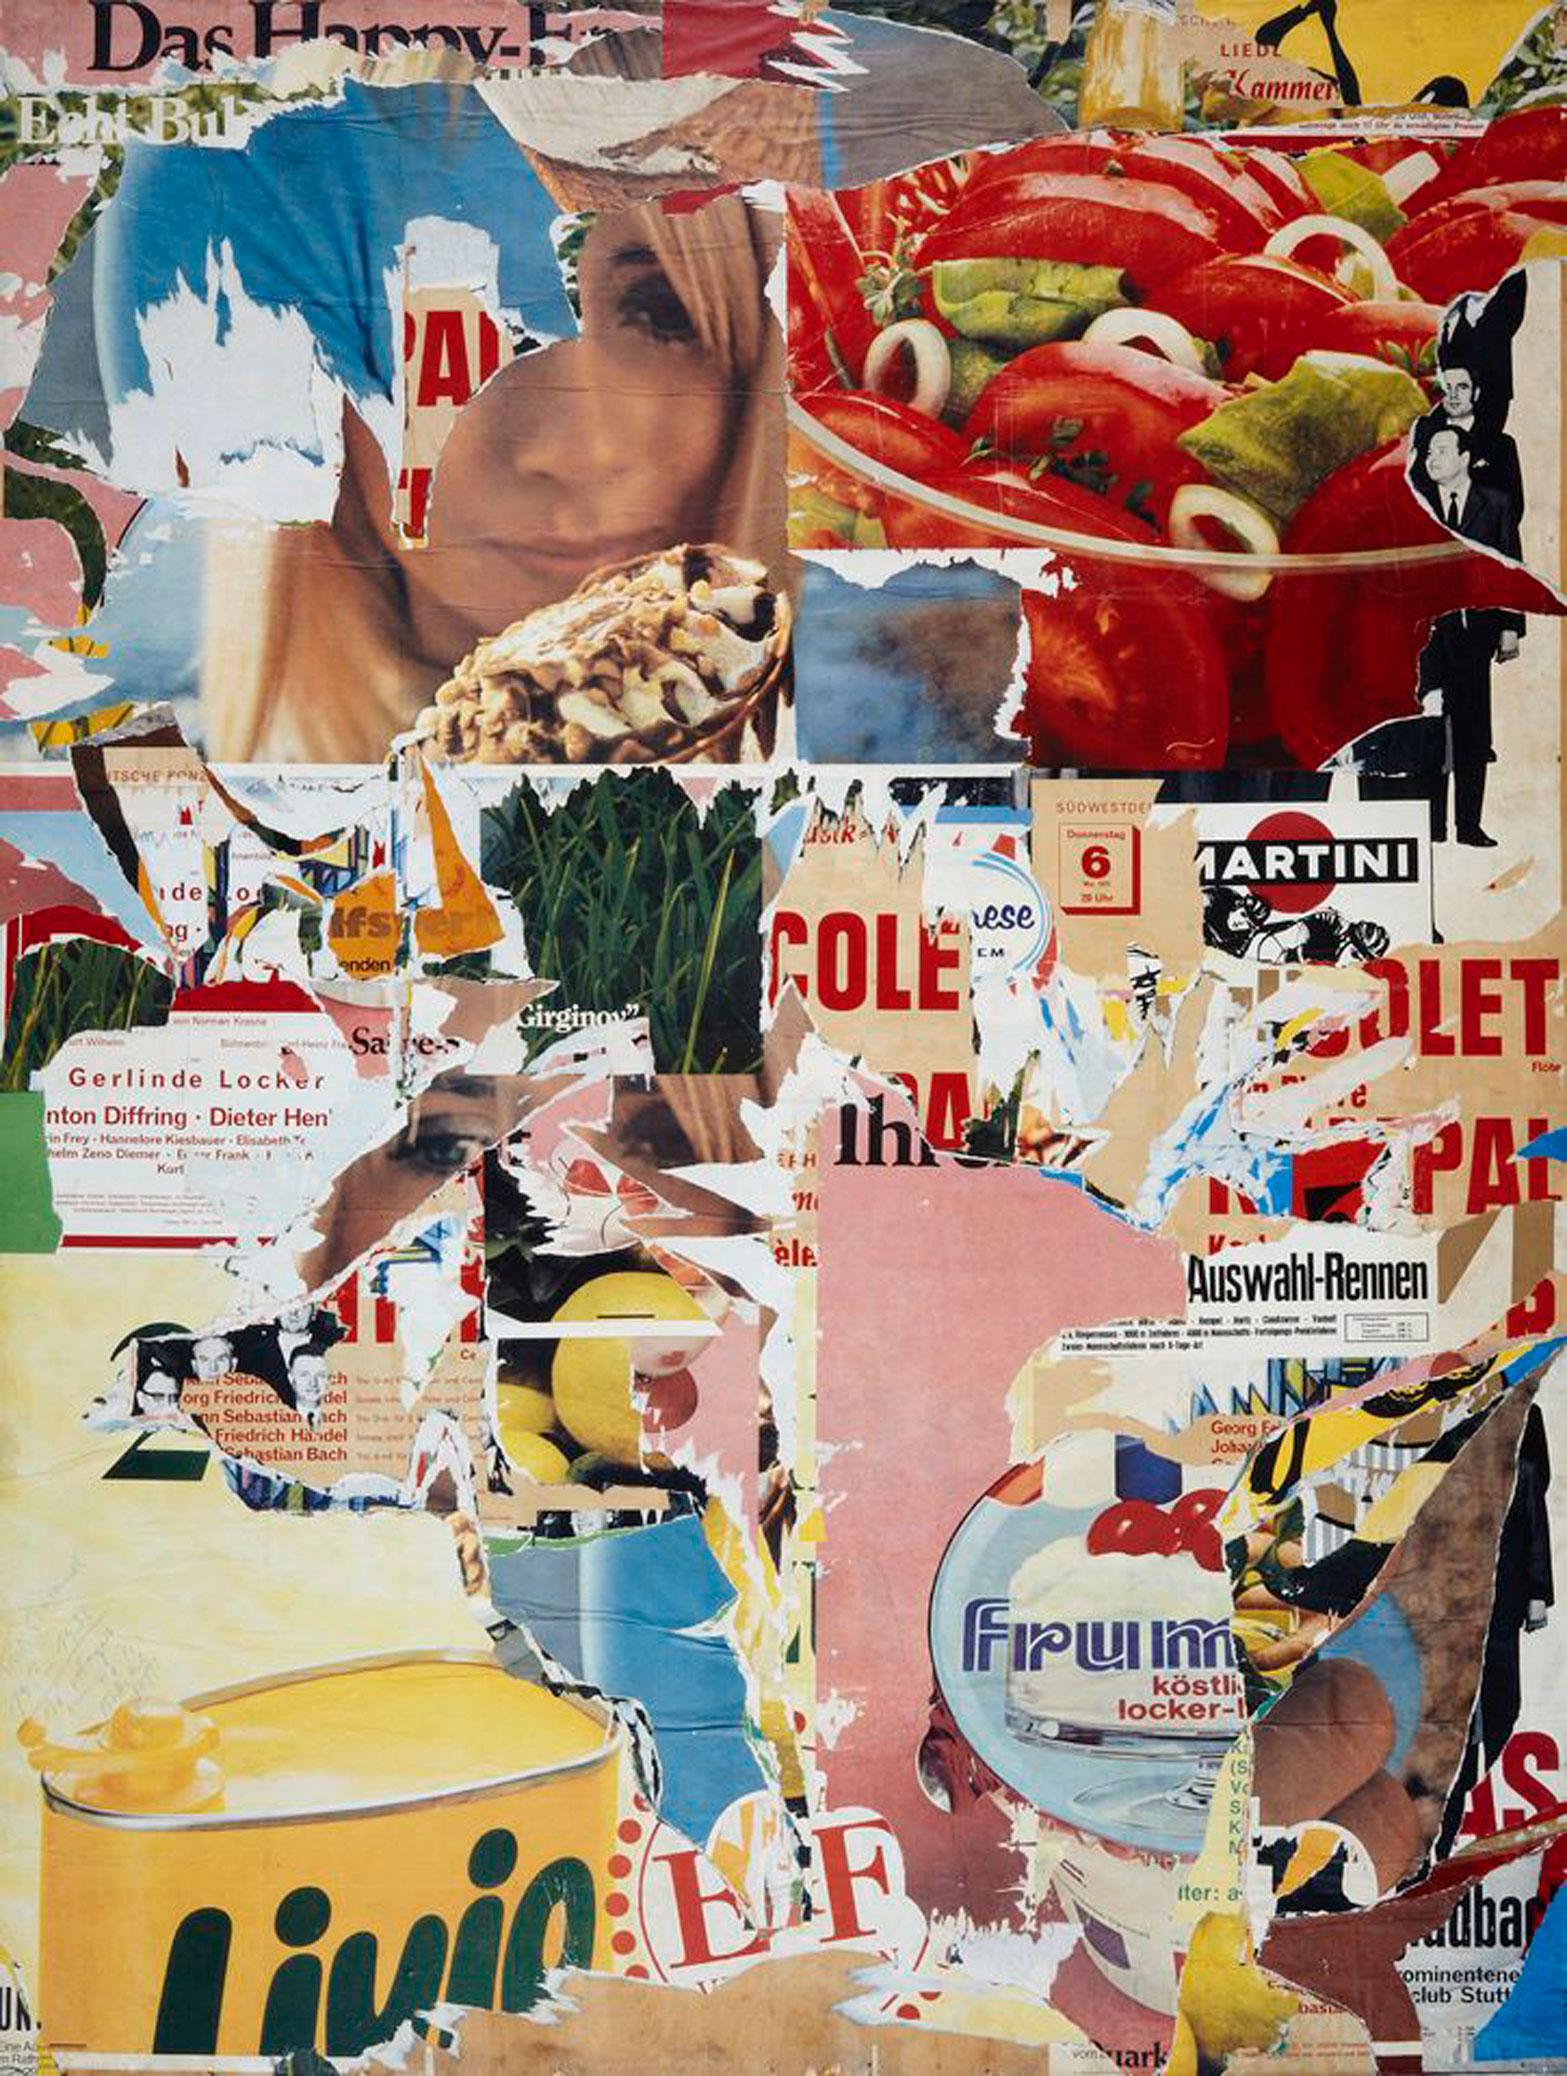 Wolf Vostell, Dé/collage – Staatsgalerie, 1971, Plakatabriss © VG Bild-Kunst, Bonn 2017. Bild: Jürgen Spiler